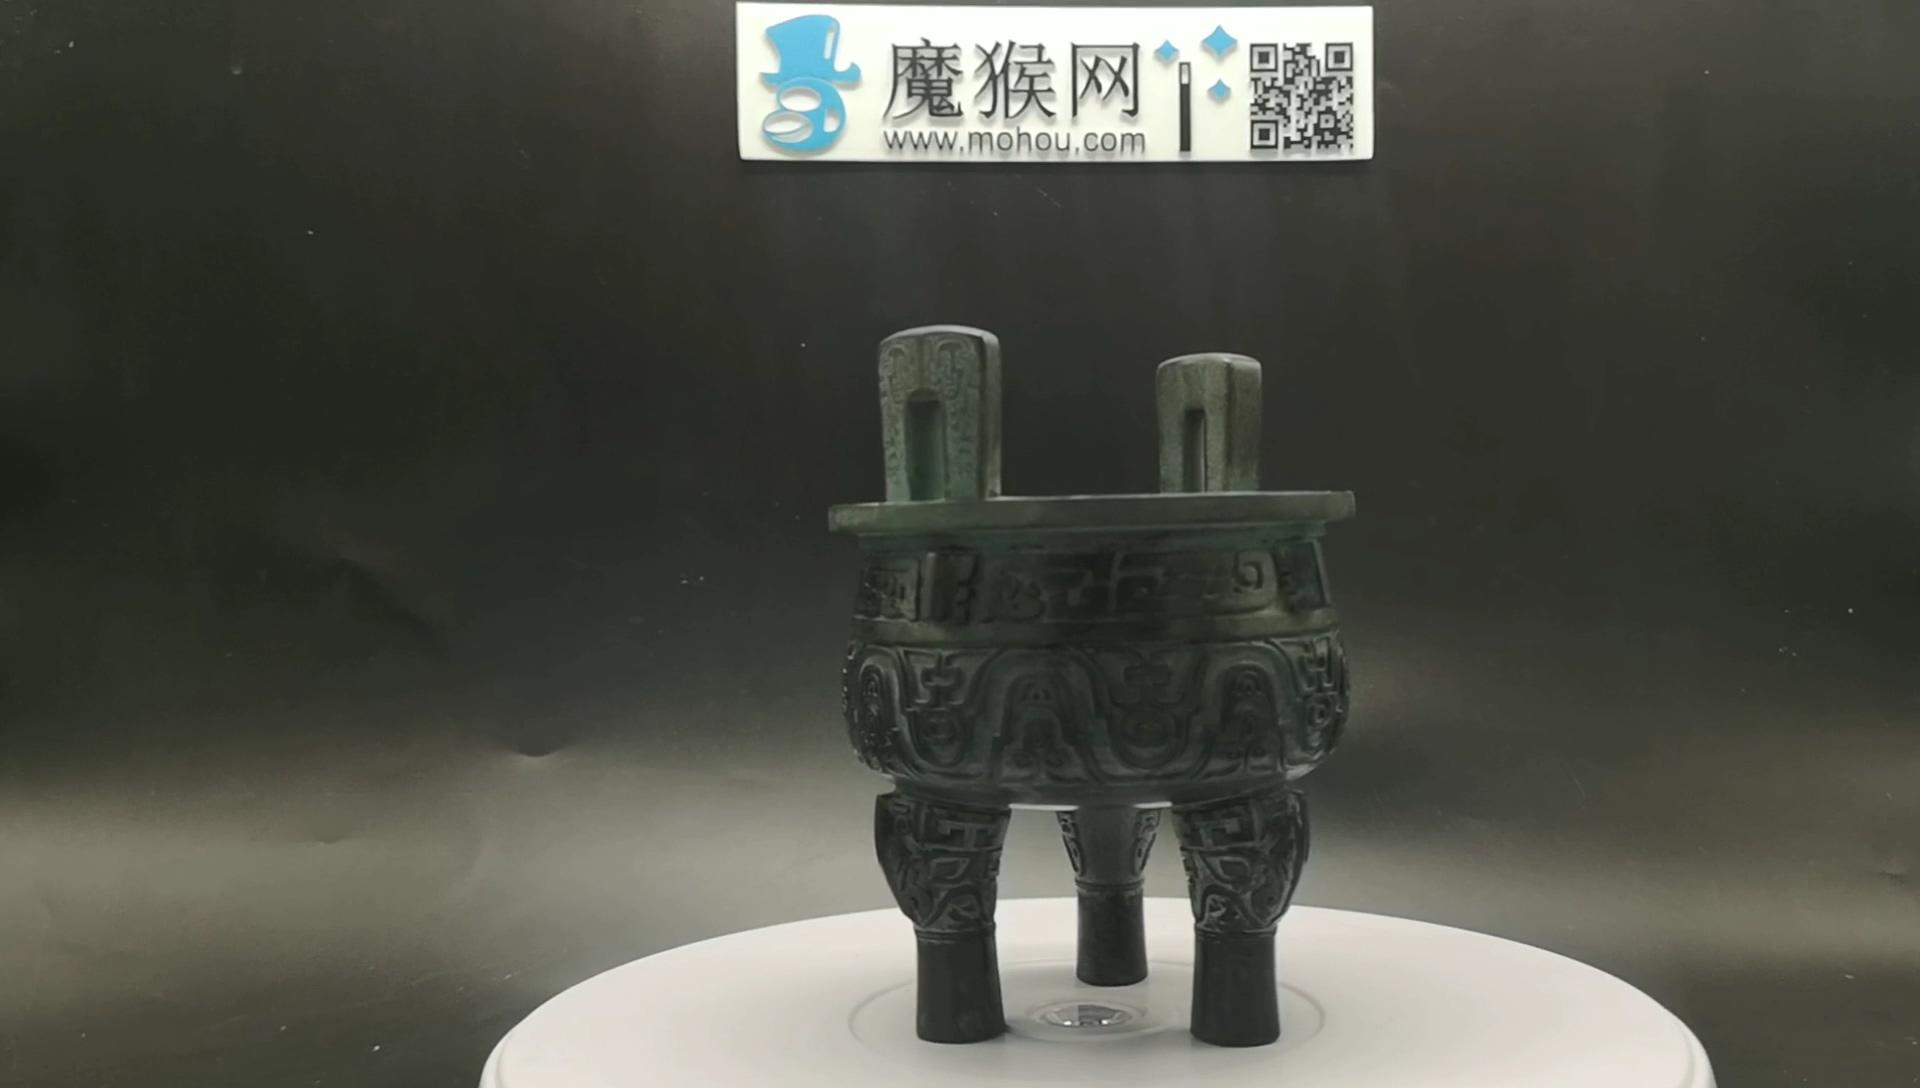 魔猴网3D打印案例:3D打印仿文物 - 图片